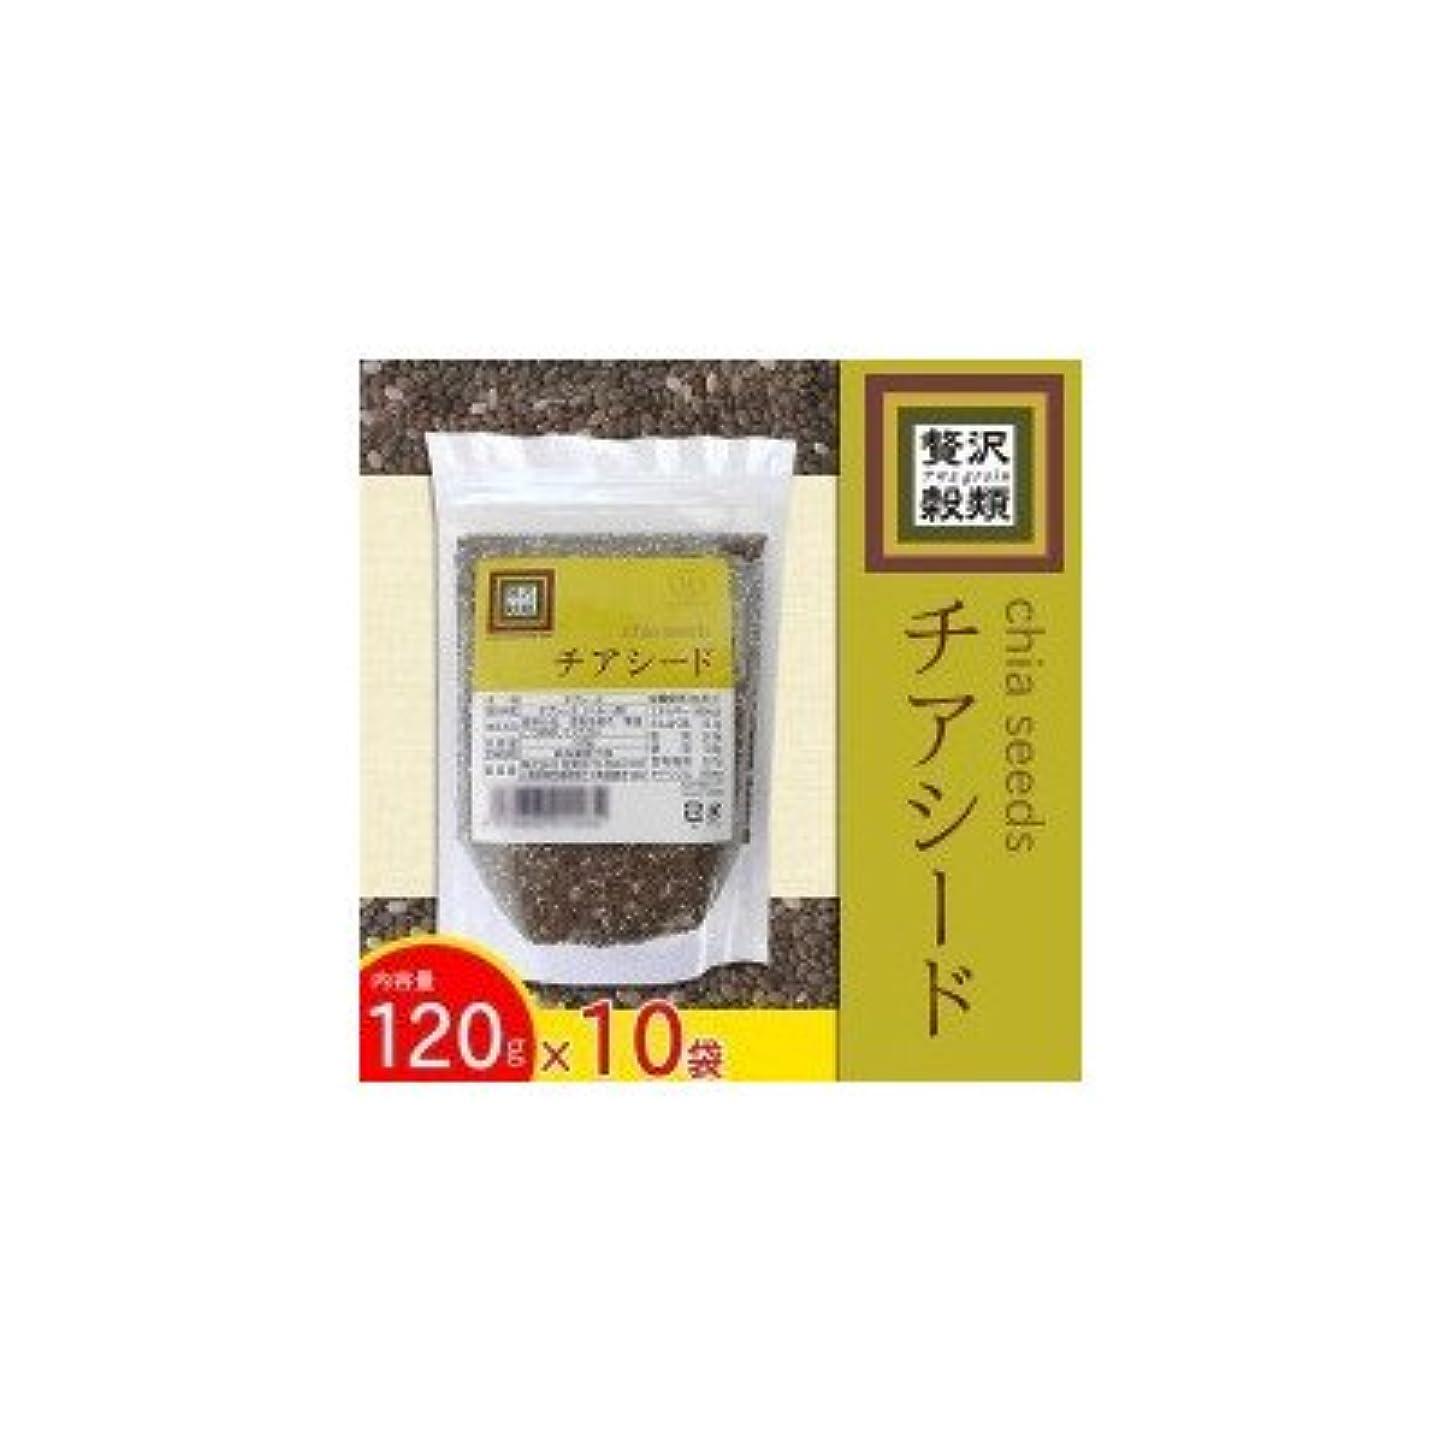 ヨーロッパレンディションメカニック贅沢穀類 チアシード 120g×10袋